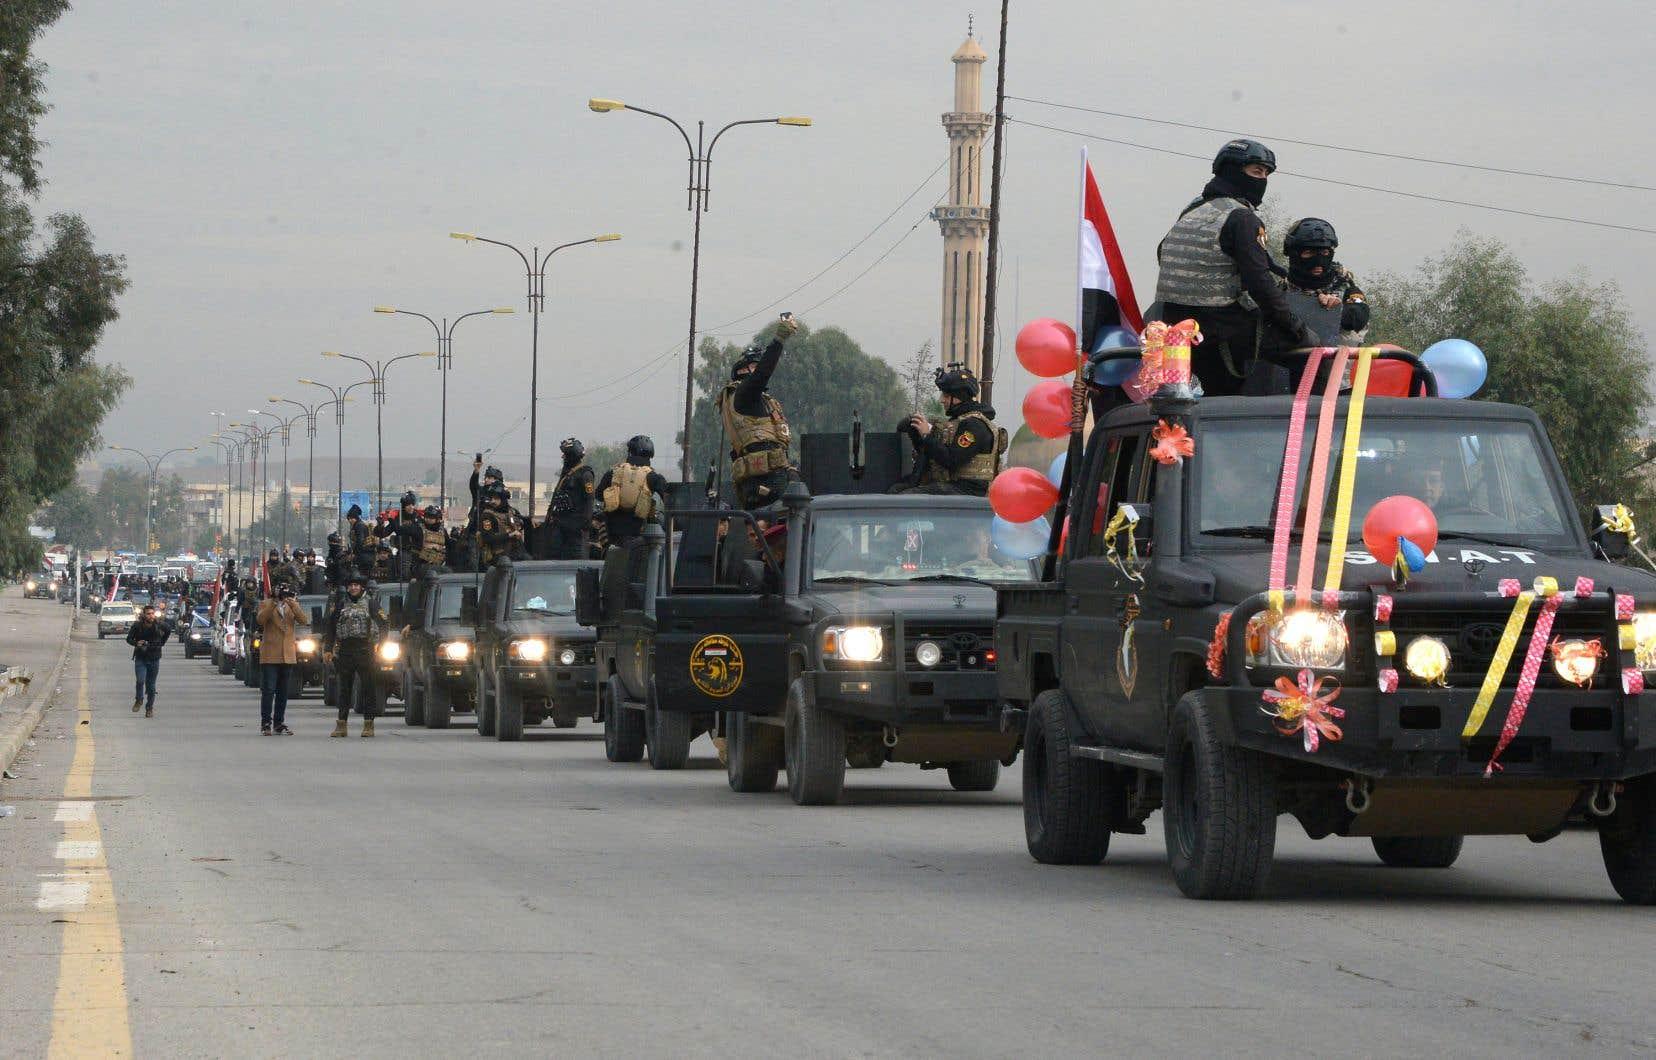 Dans plusieurs villes du pays, les barrages et les véhicules militaires étaient décorés de ballons.